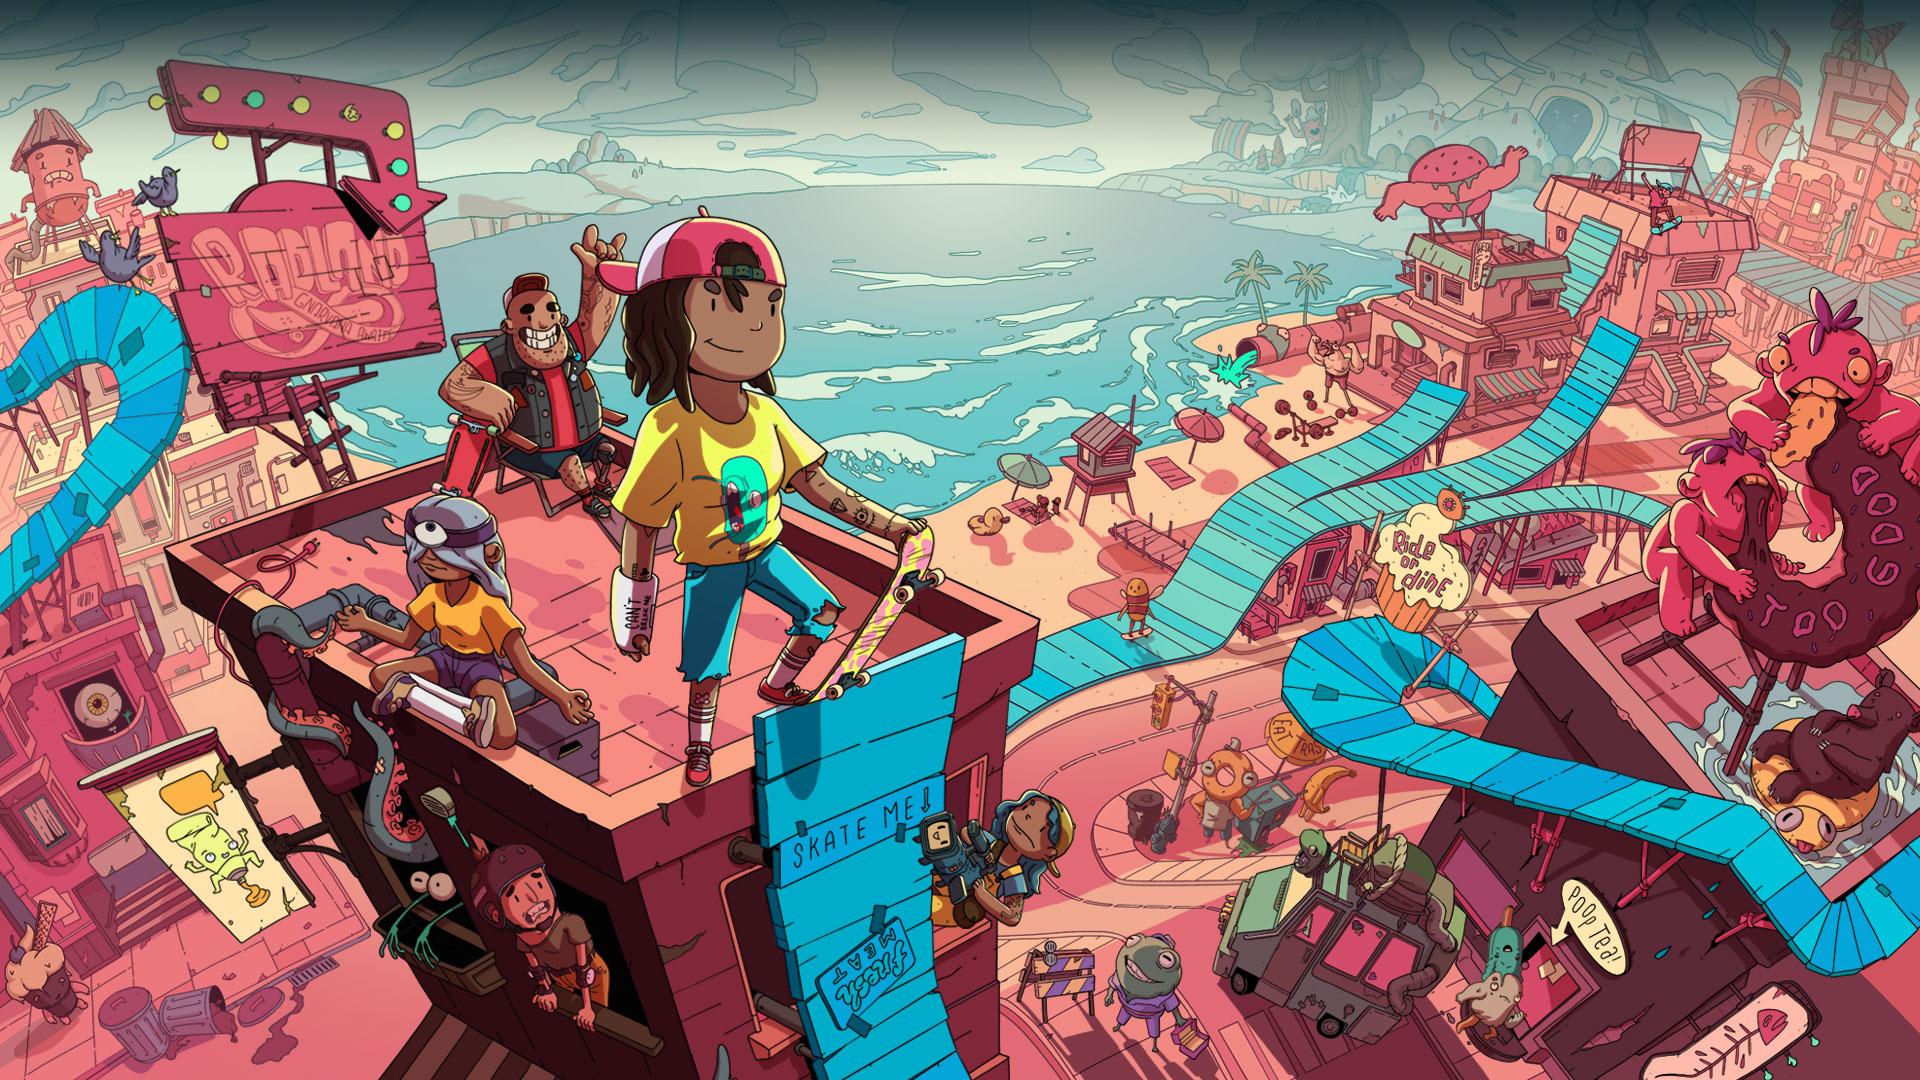 Uzun bir kaykay rampasının üstünde duran birkaç karakter ve aşağıda bulunan bir kasaba.